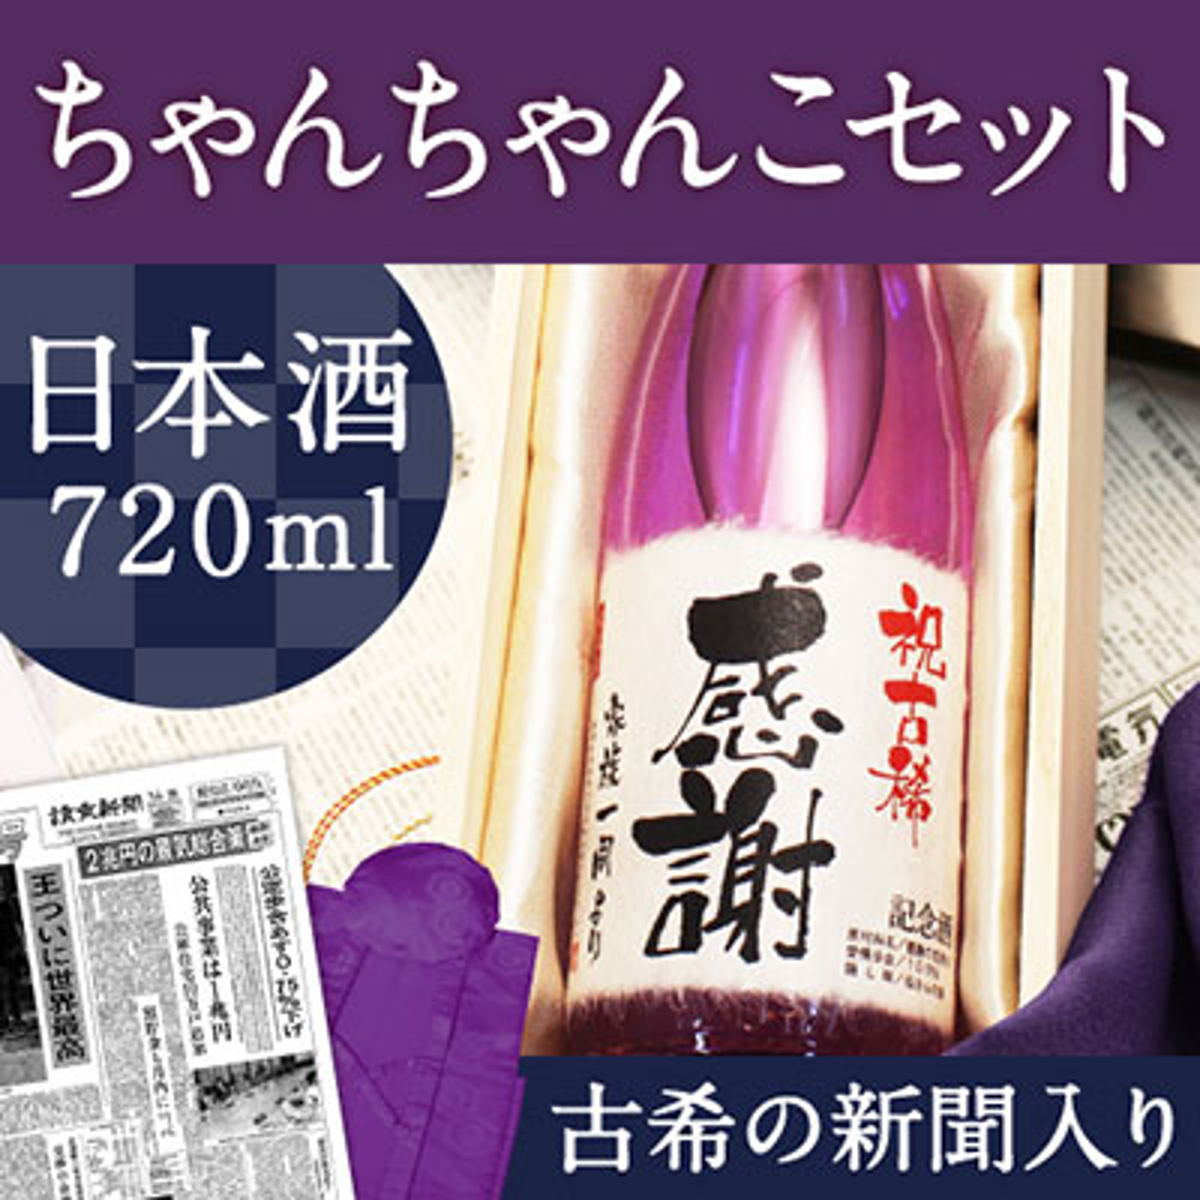 古希ちゃんちゃんこ(日本製)と紫瓶セット「紫式部」720ml(日本酒)